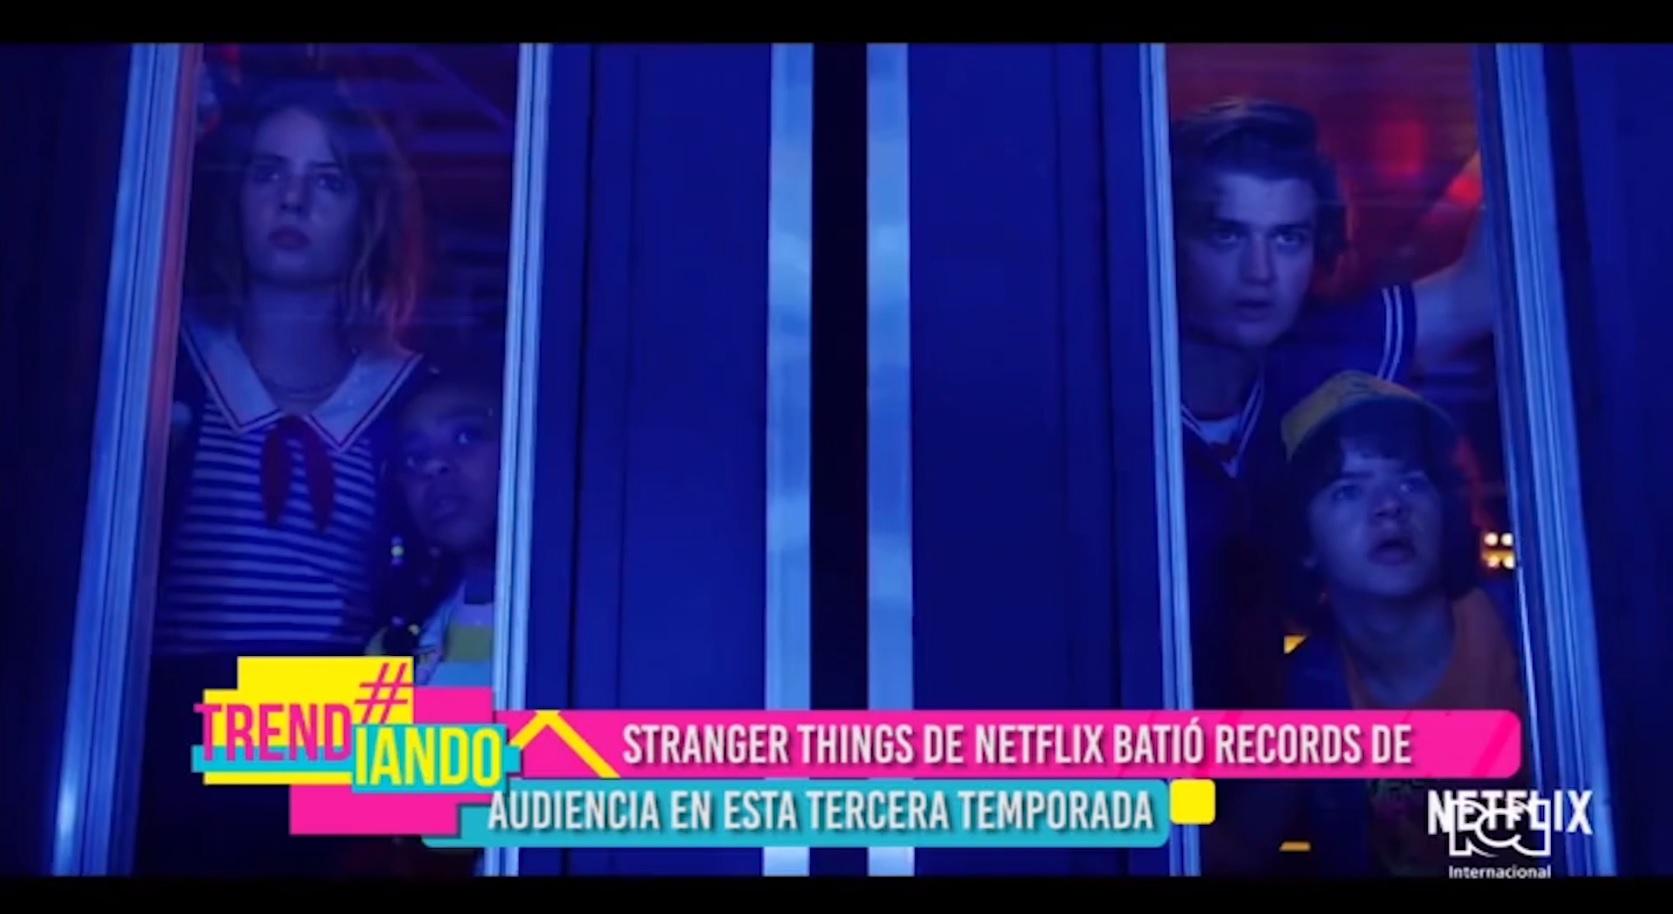 Stranger Things rompe récord de audiencia en Netflix